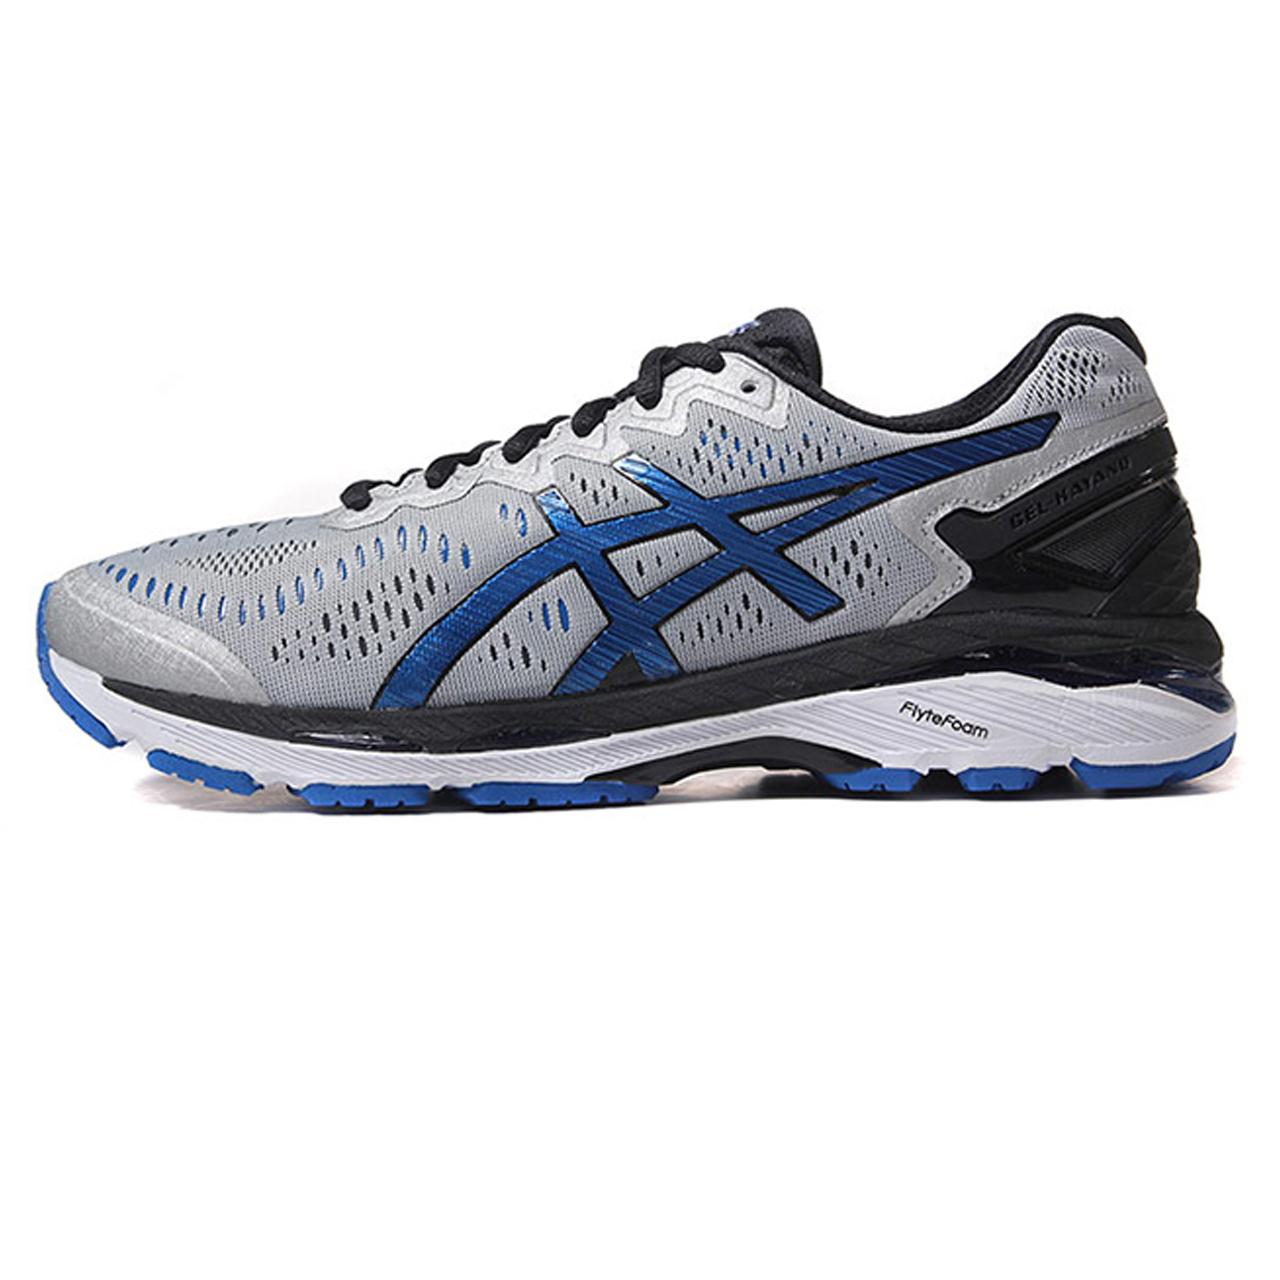 قیمت کفش ورزشی مخصوص دویدن و پیاده روی مردانه اسیکس مدل gel kayano کد T647N